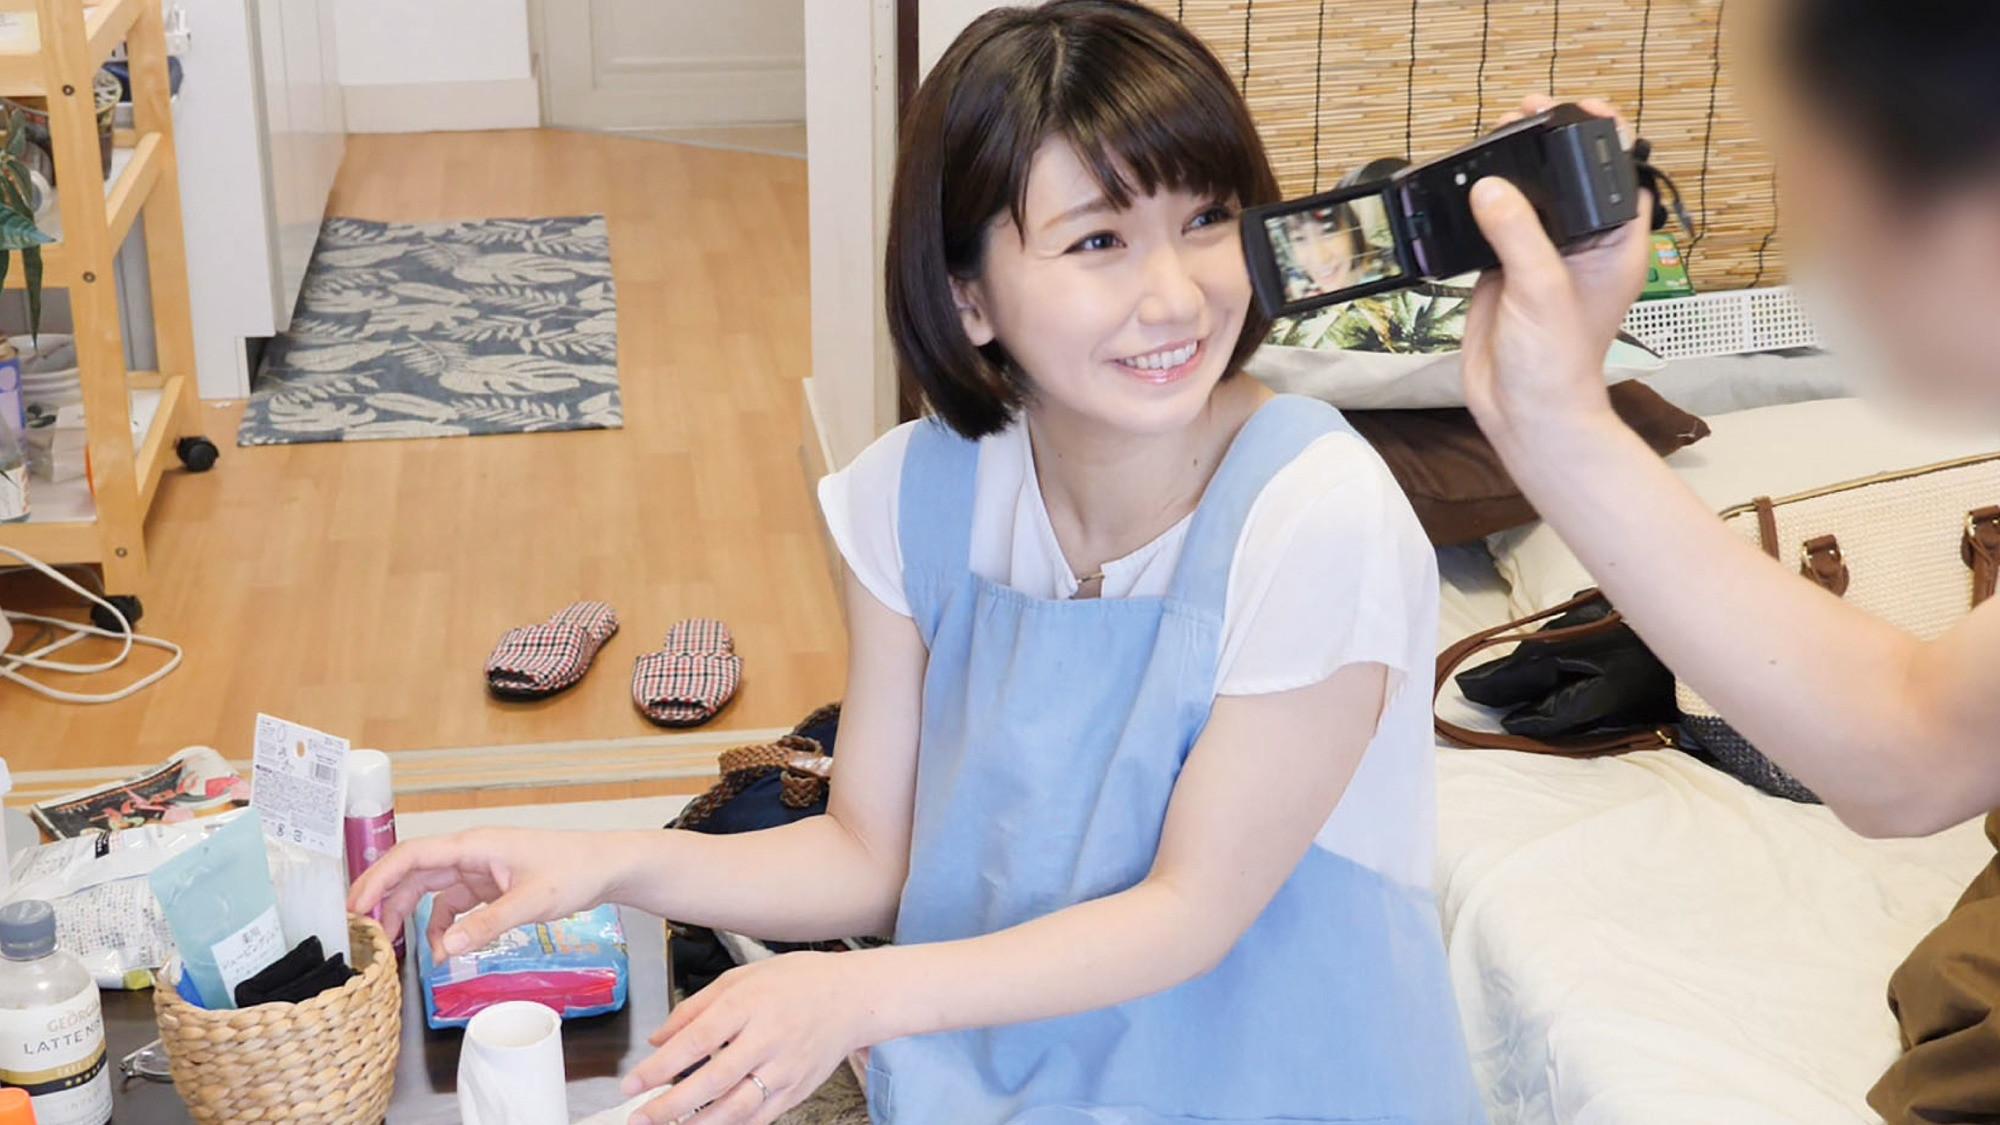 レンタル熟女のお仕事~夫の知らない妻の裏の顔 file NO.68~